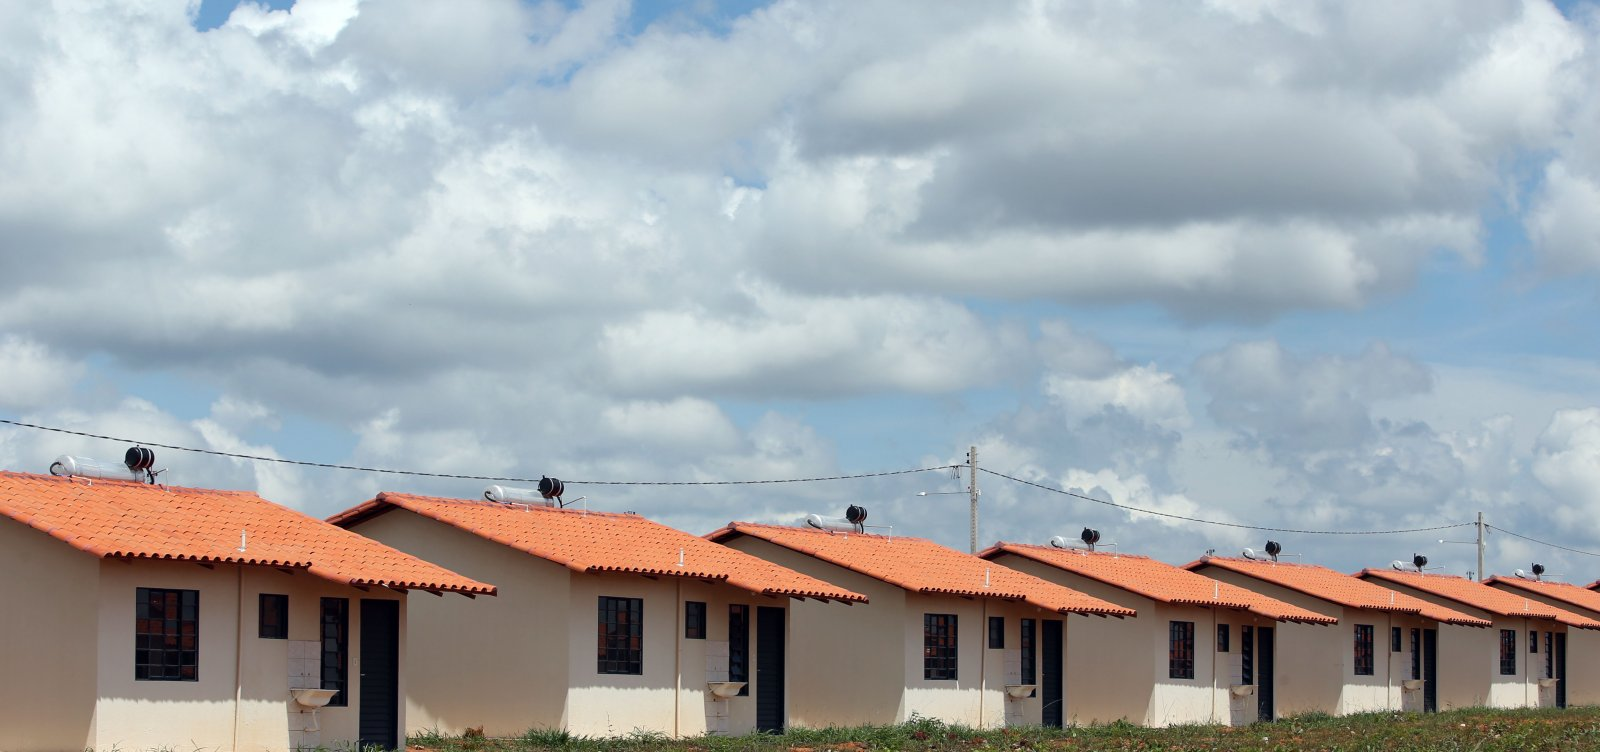 Governo cancelará 8,5 mil unidades do Minha Casa Minha Vida